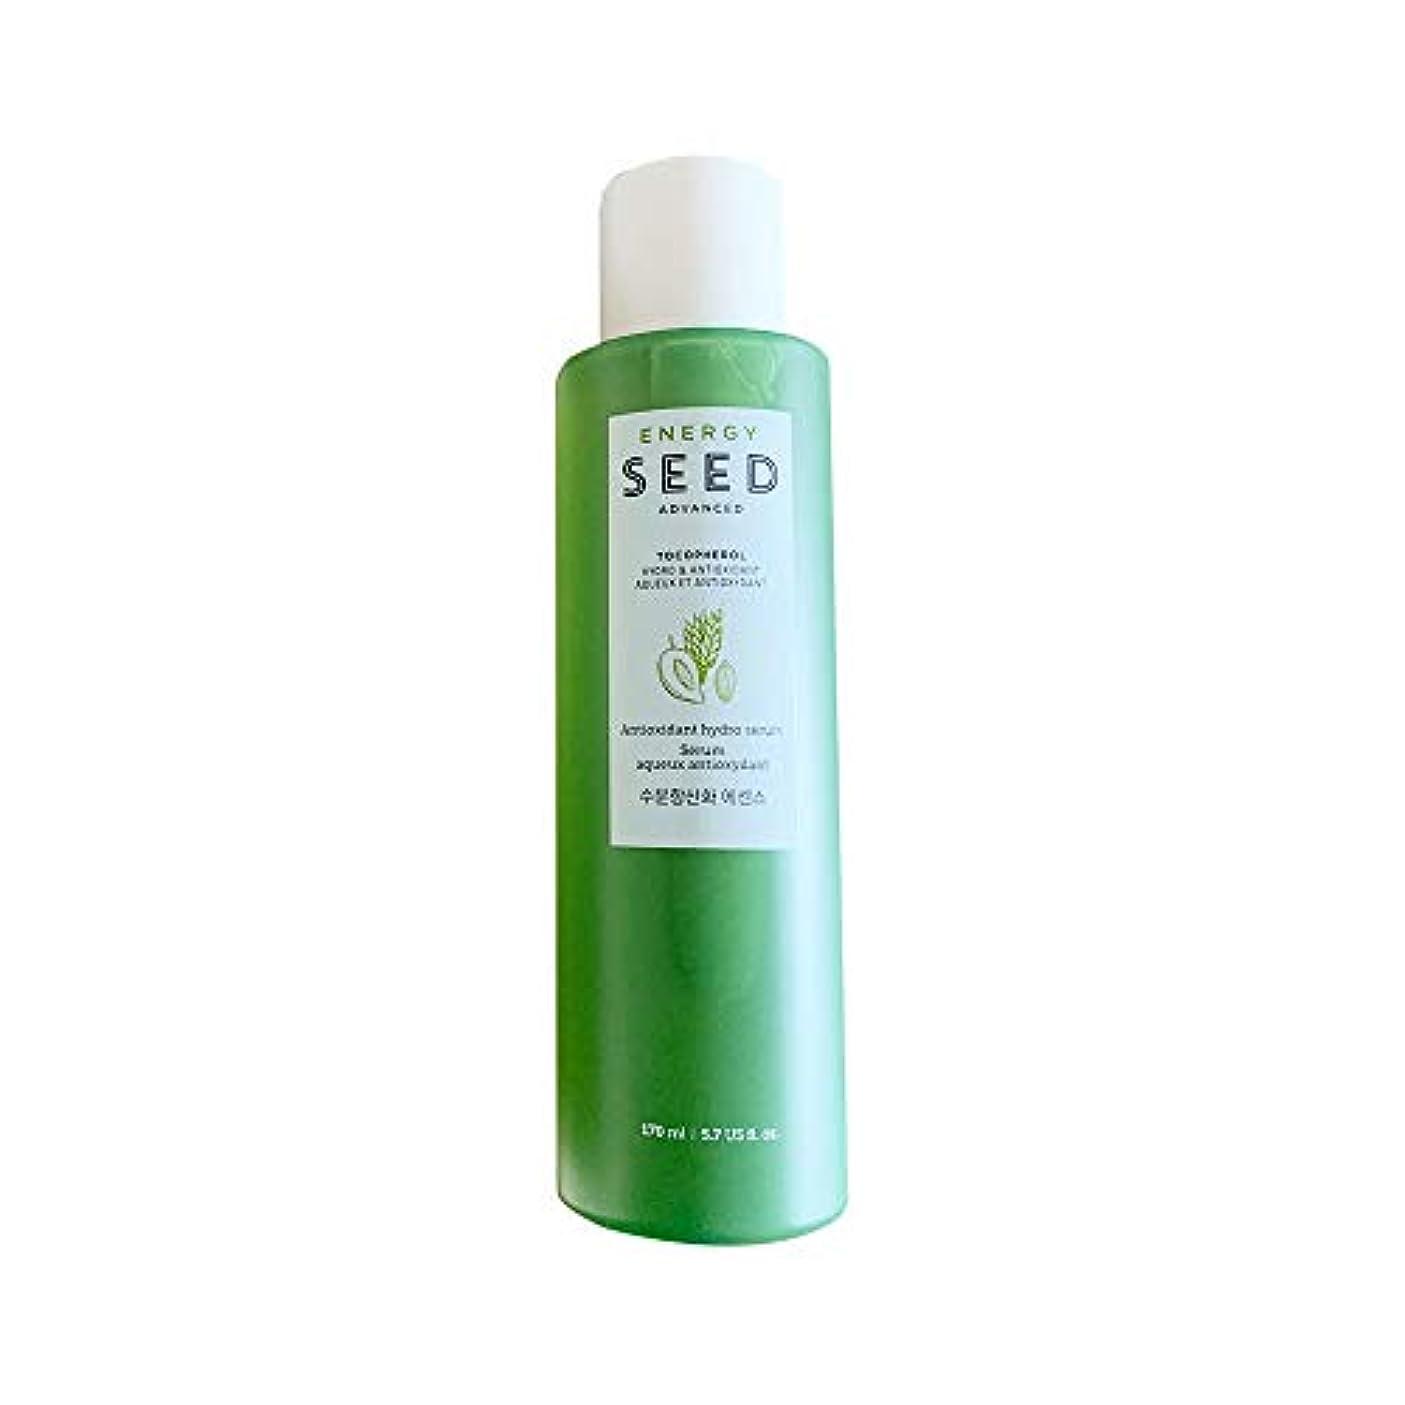 処理するシガレット食欲[ザフェイスショップ]The Face Shop エネルギーシード水分抗-酸化エッセンス170ml Energy Seed An-tioxidant Hydro Essence 170ml [海外直送品]